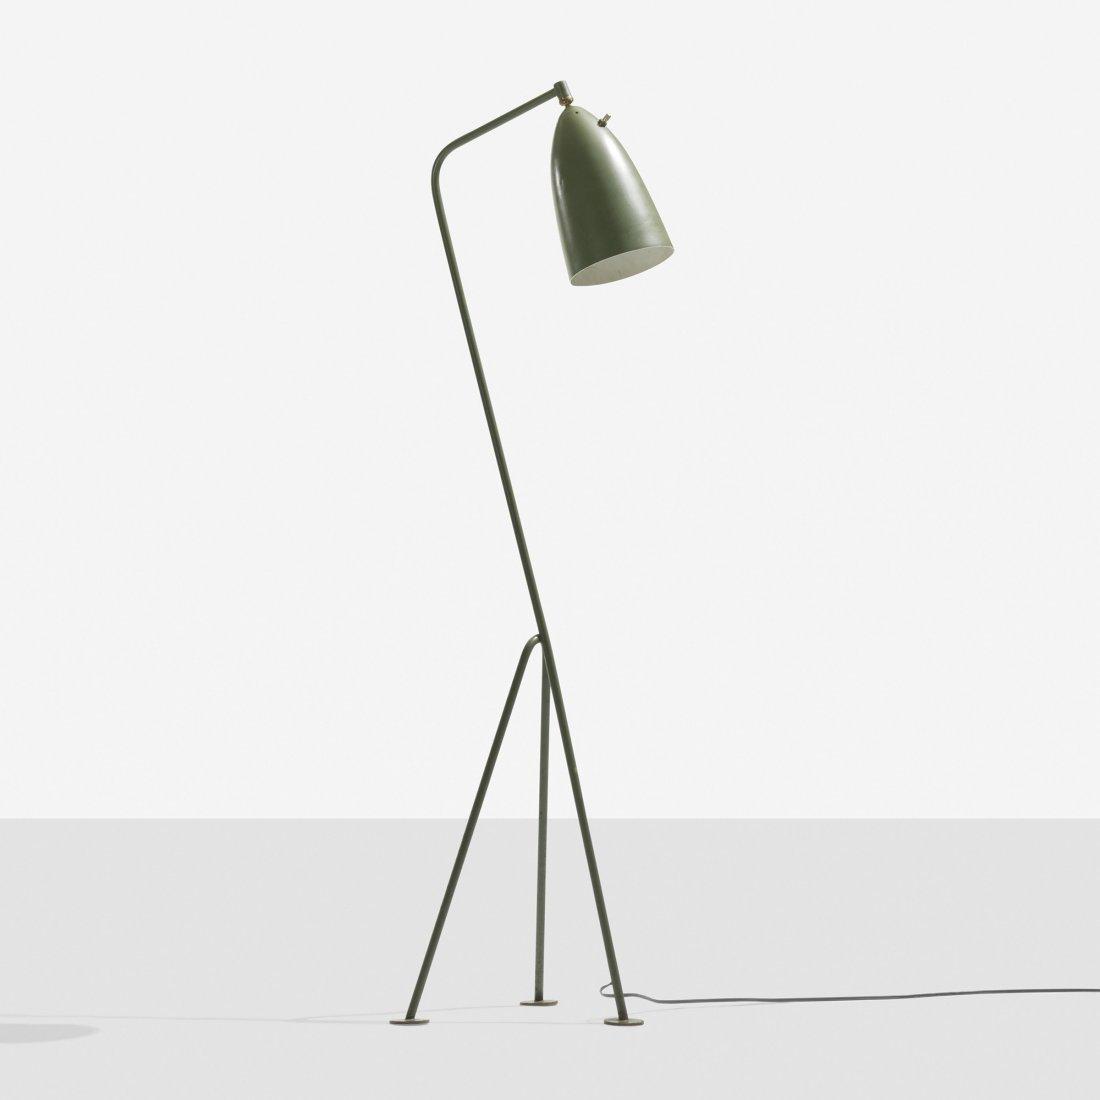 106: Greta  Magnusson Grossman Grasshopper floor lamp